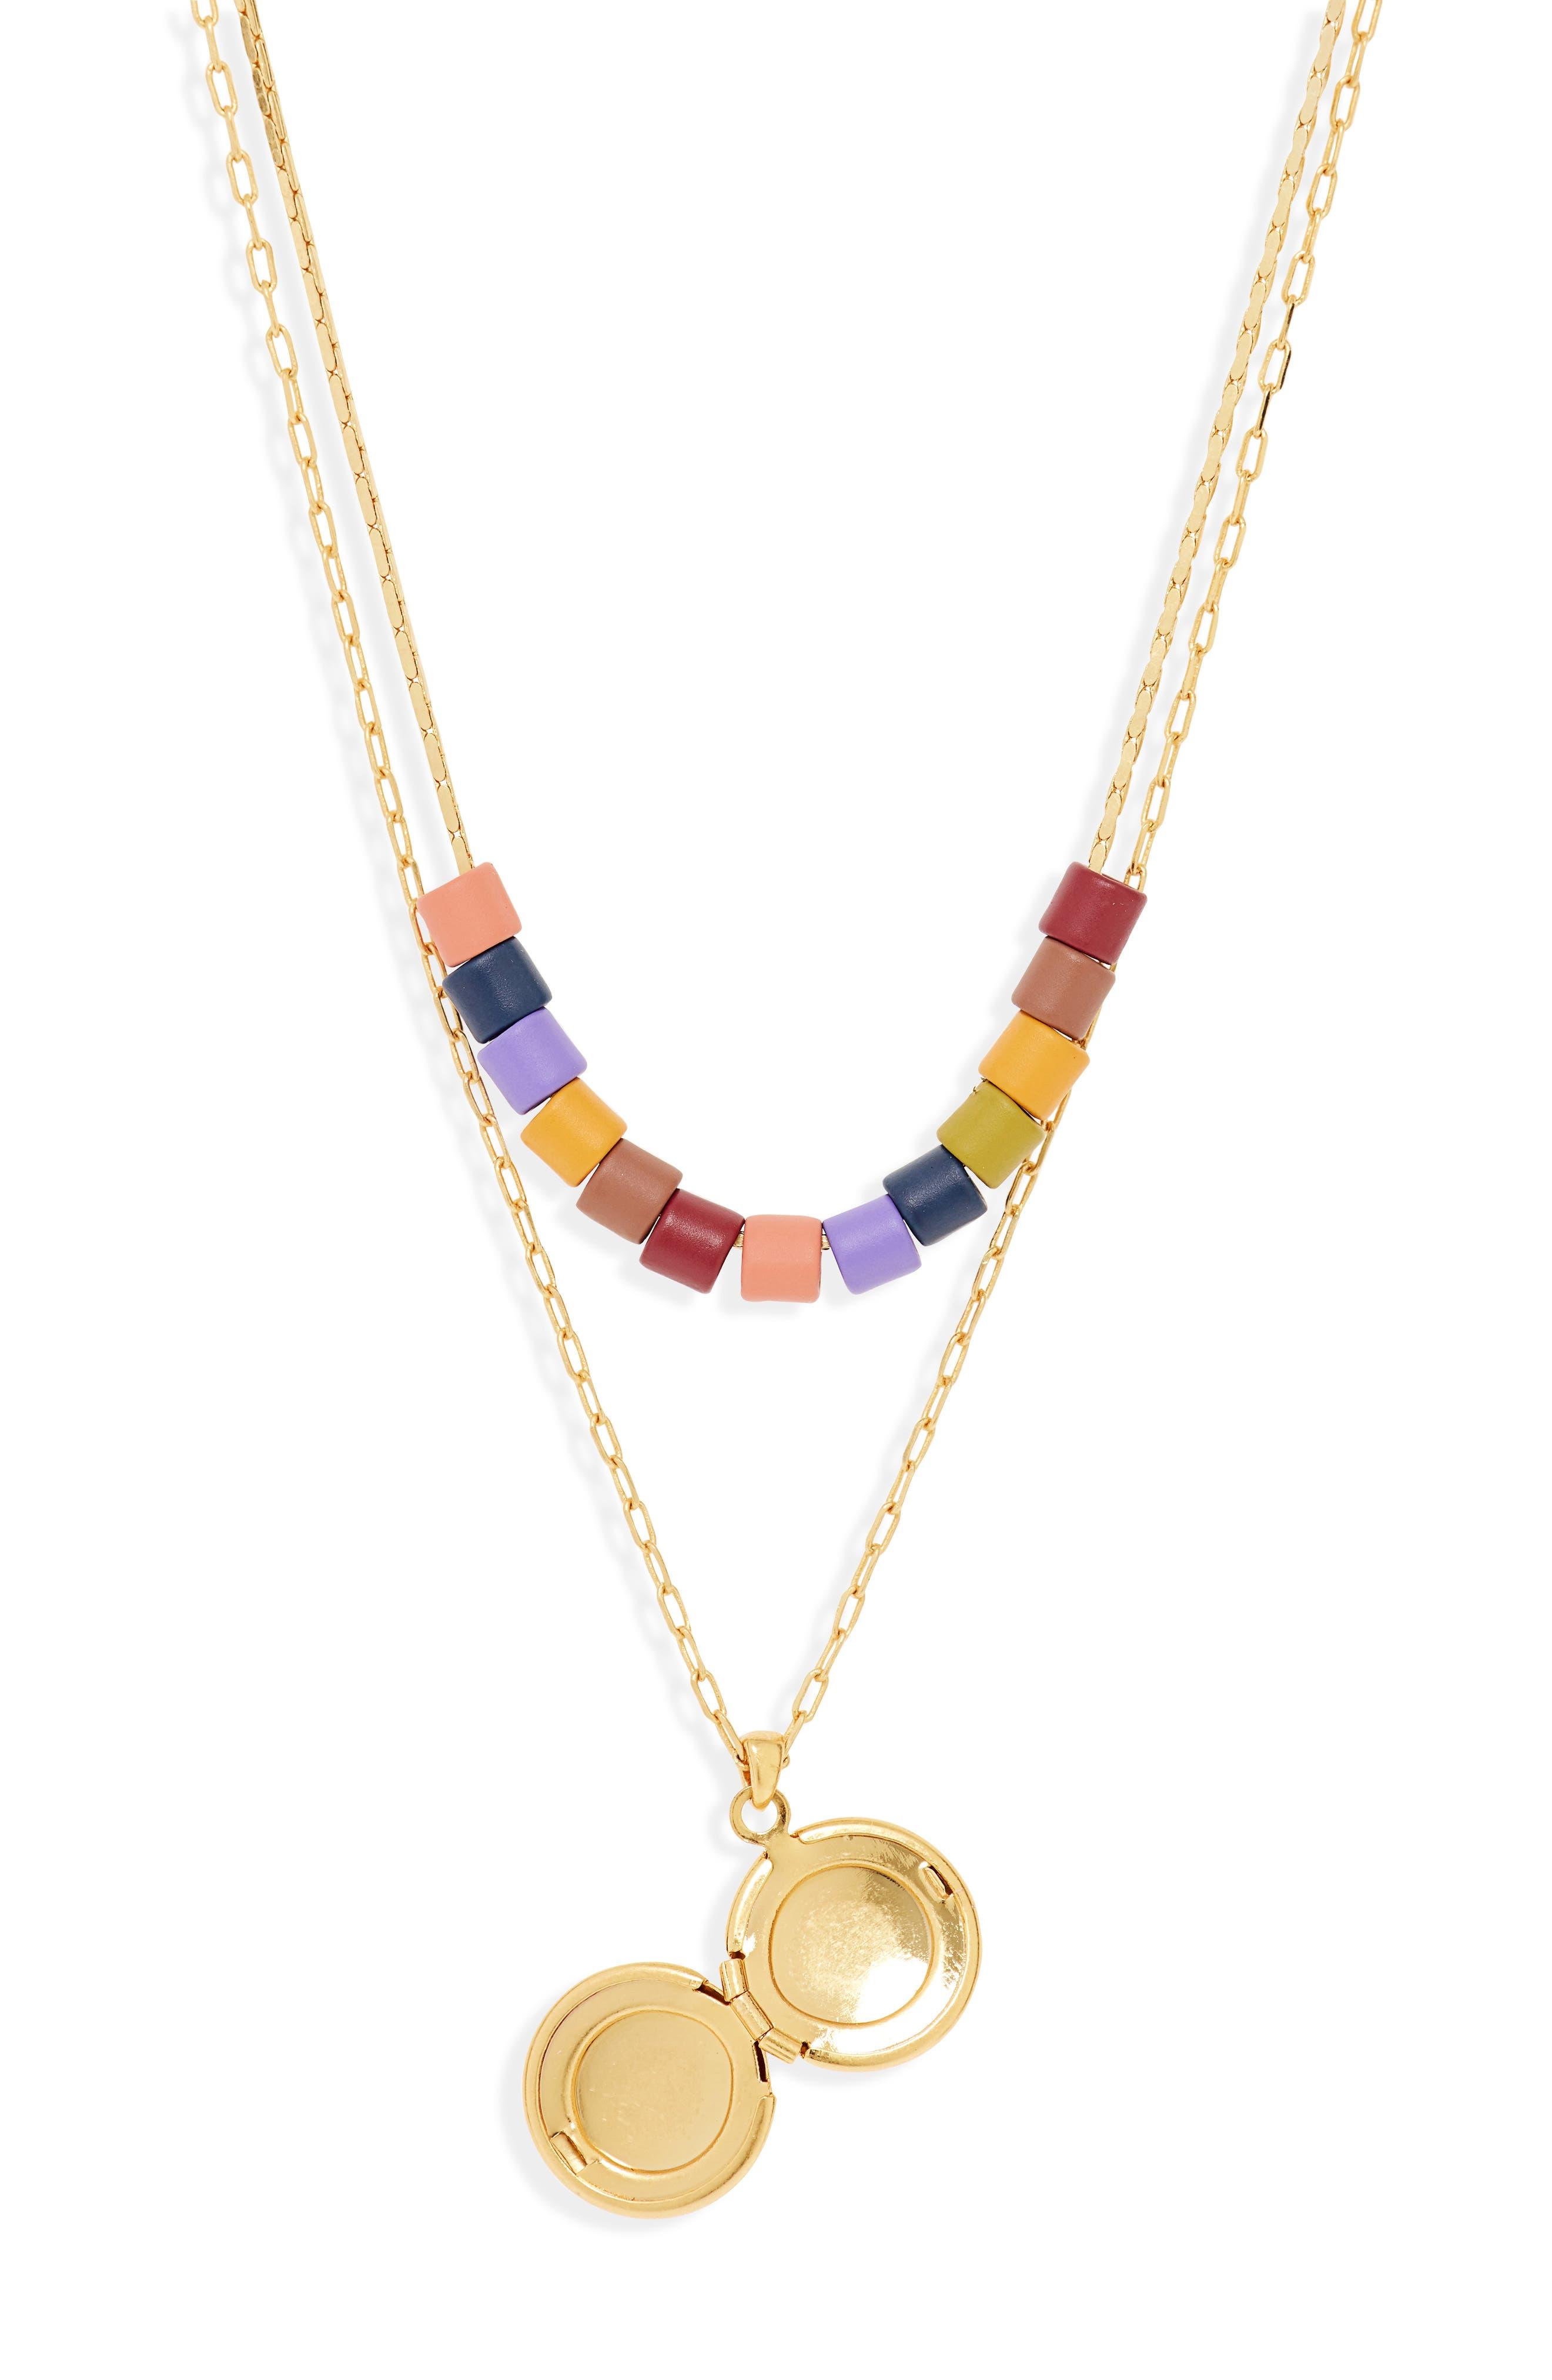 MADEWELL, Set of 2 Rainbow Beaded Locket Necklaces, Alternate thumbnail 3, color, RAINBOW MULTI